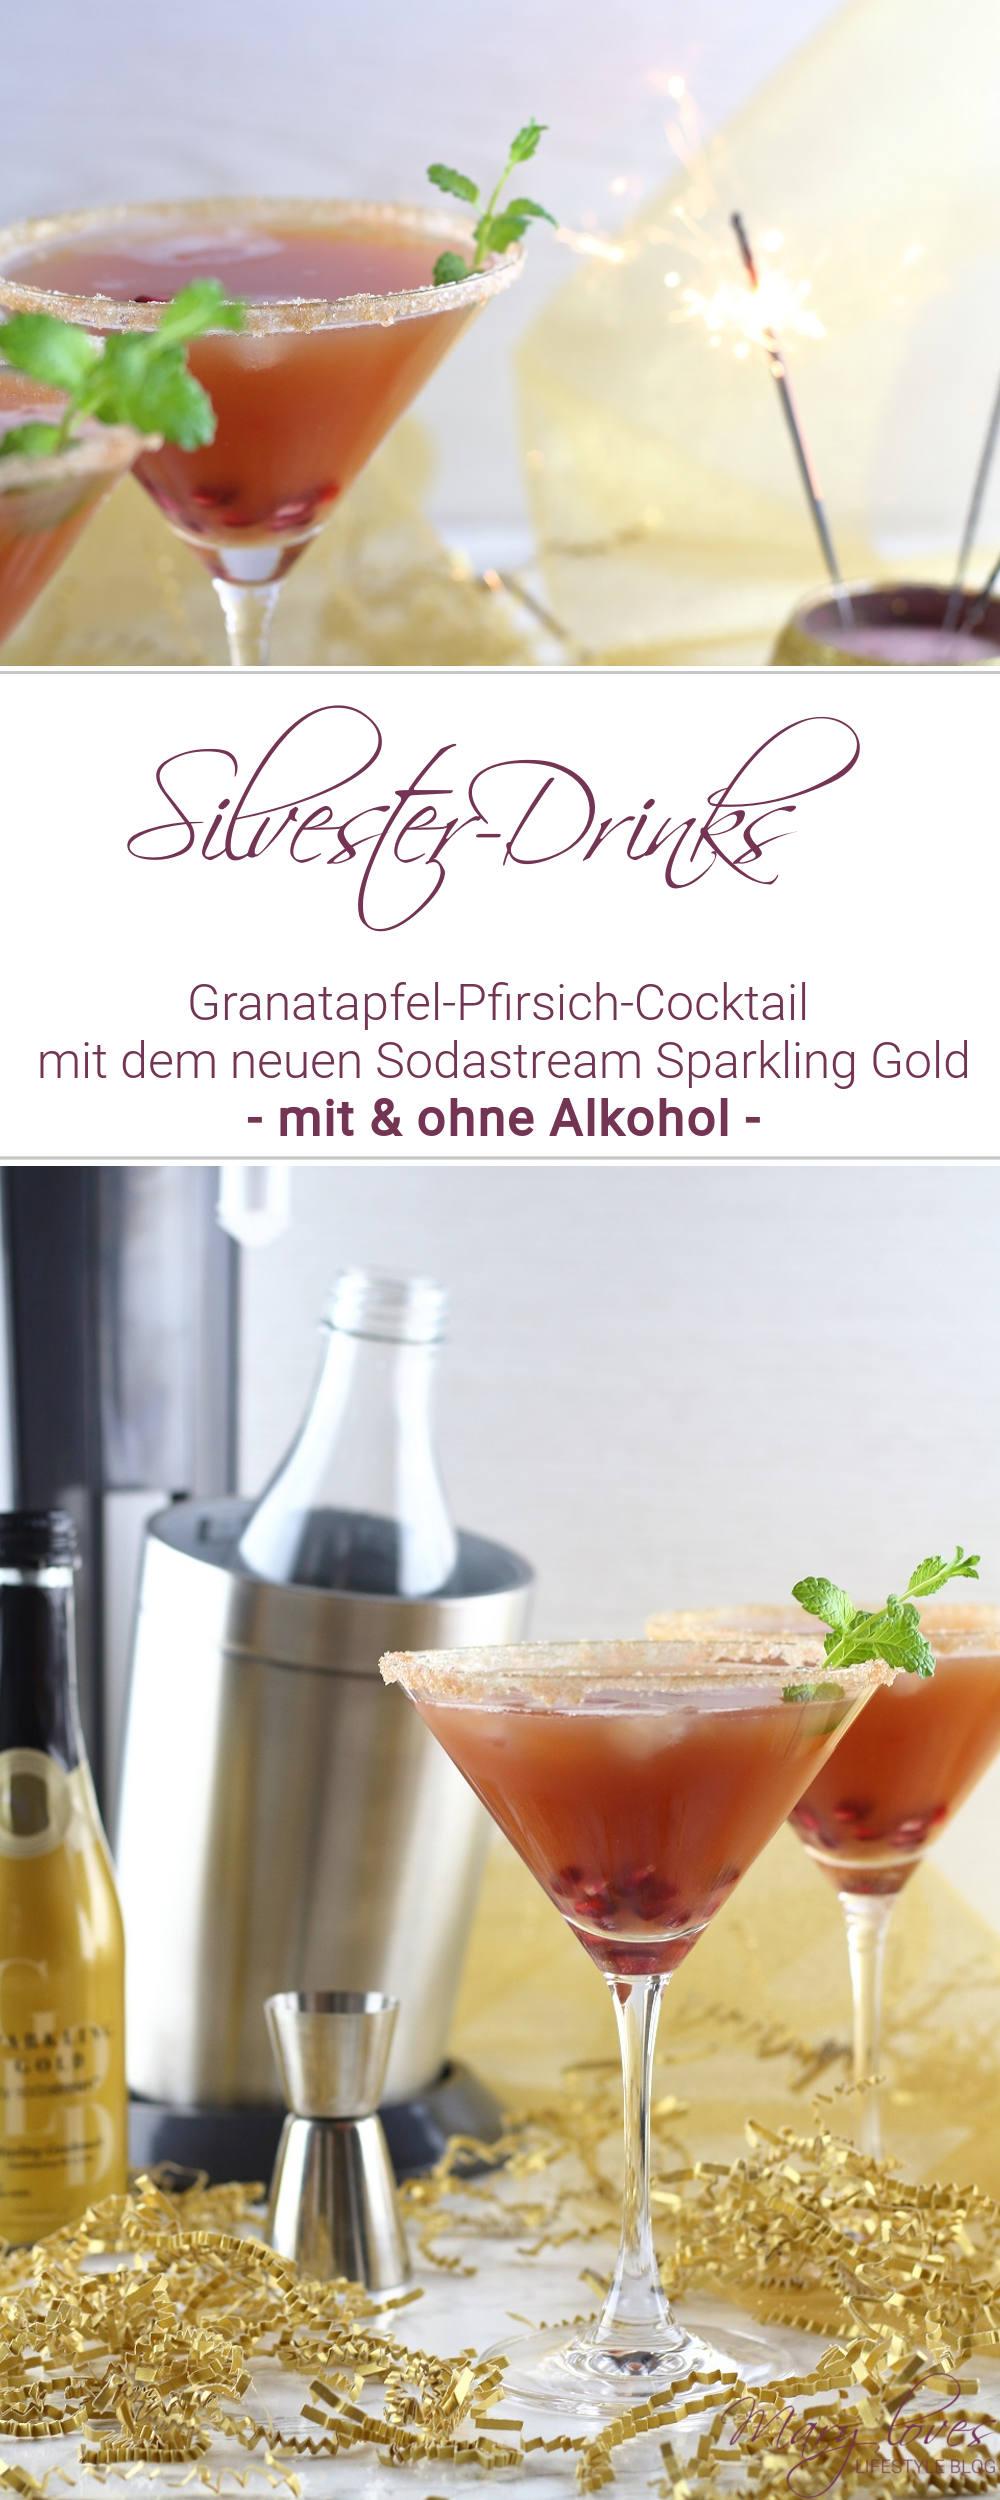 [Anzeige] Silvester-Drinks mit und ohne Alkohol - Granatapfel-Pfirsich-Cocktail mit dem neuen Sodastream Sparkling Gold - #cocktail #sodastream #sodastreamsparklinggold #silvesterdrink #silvester